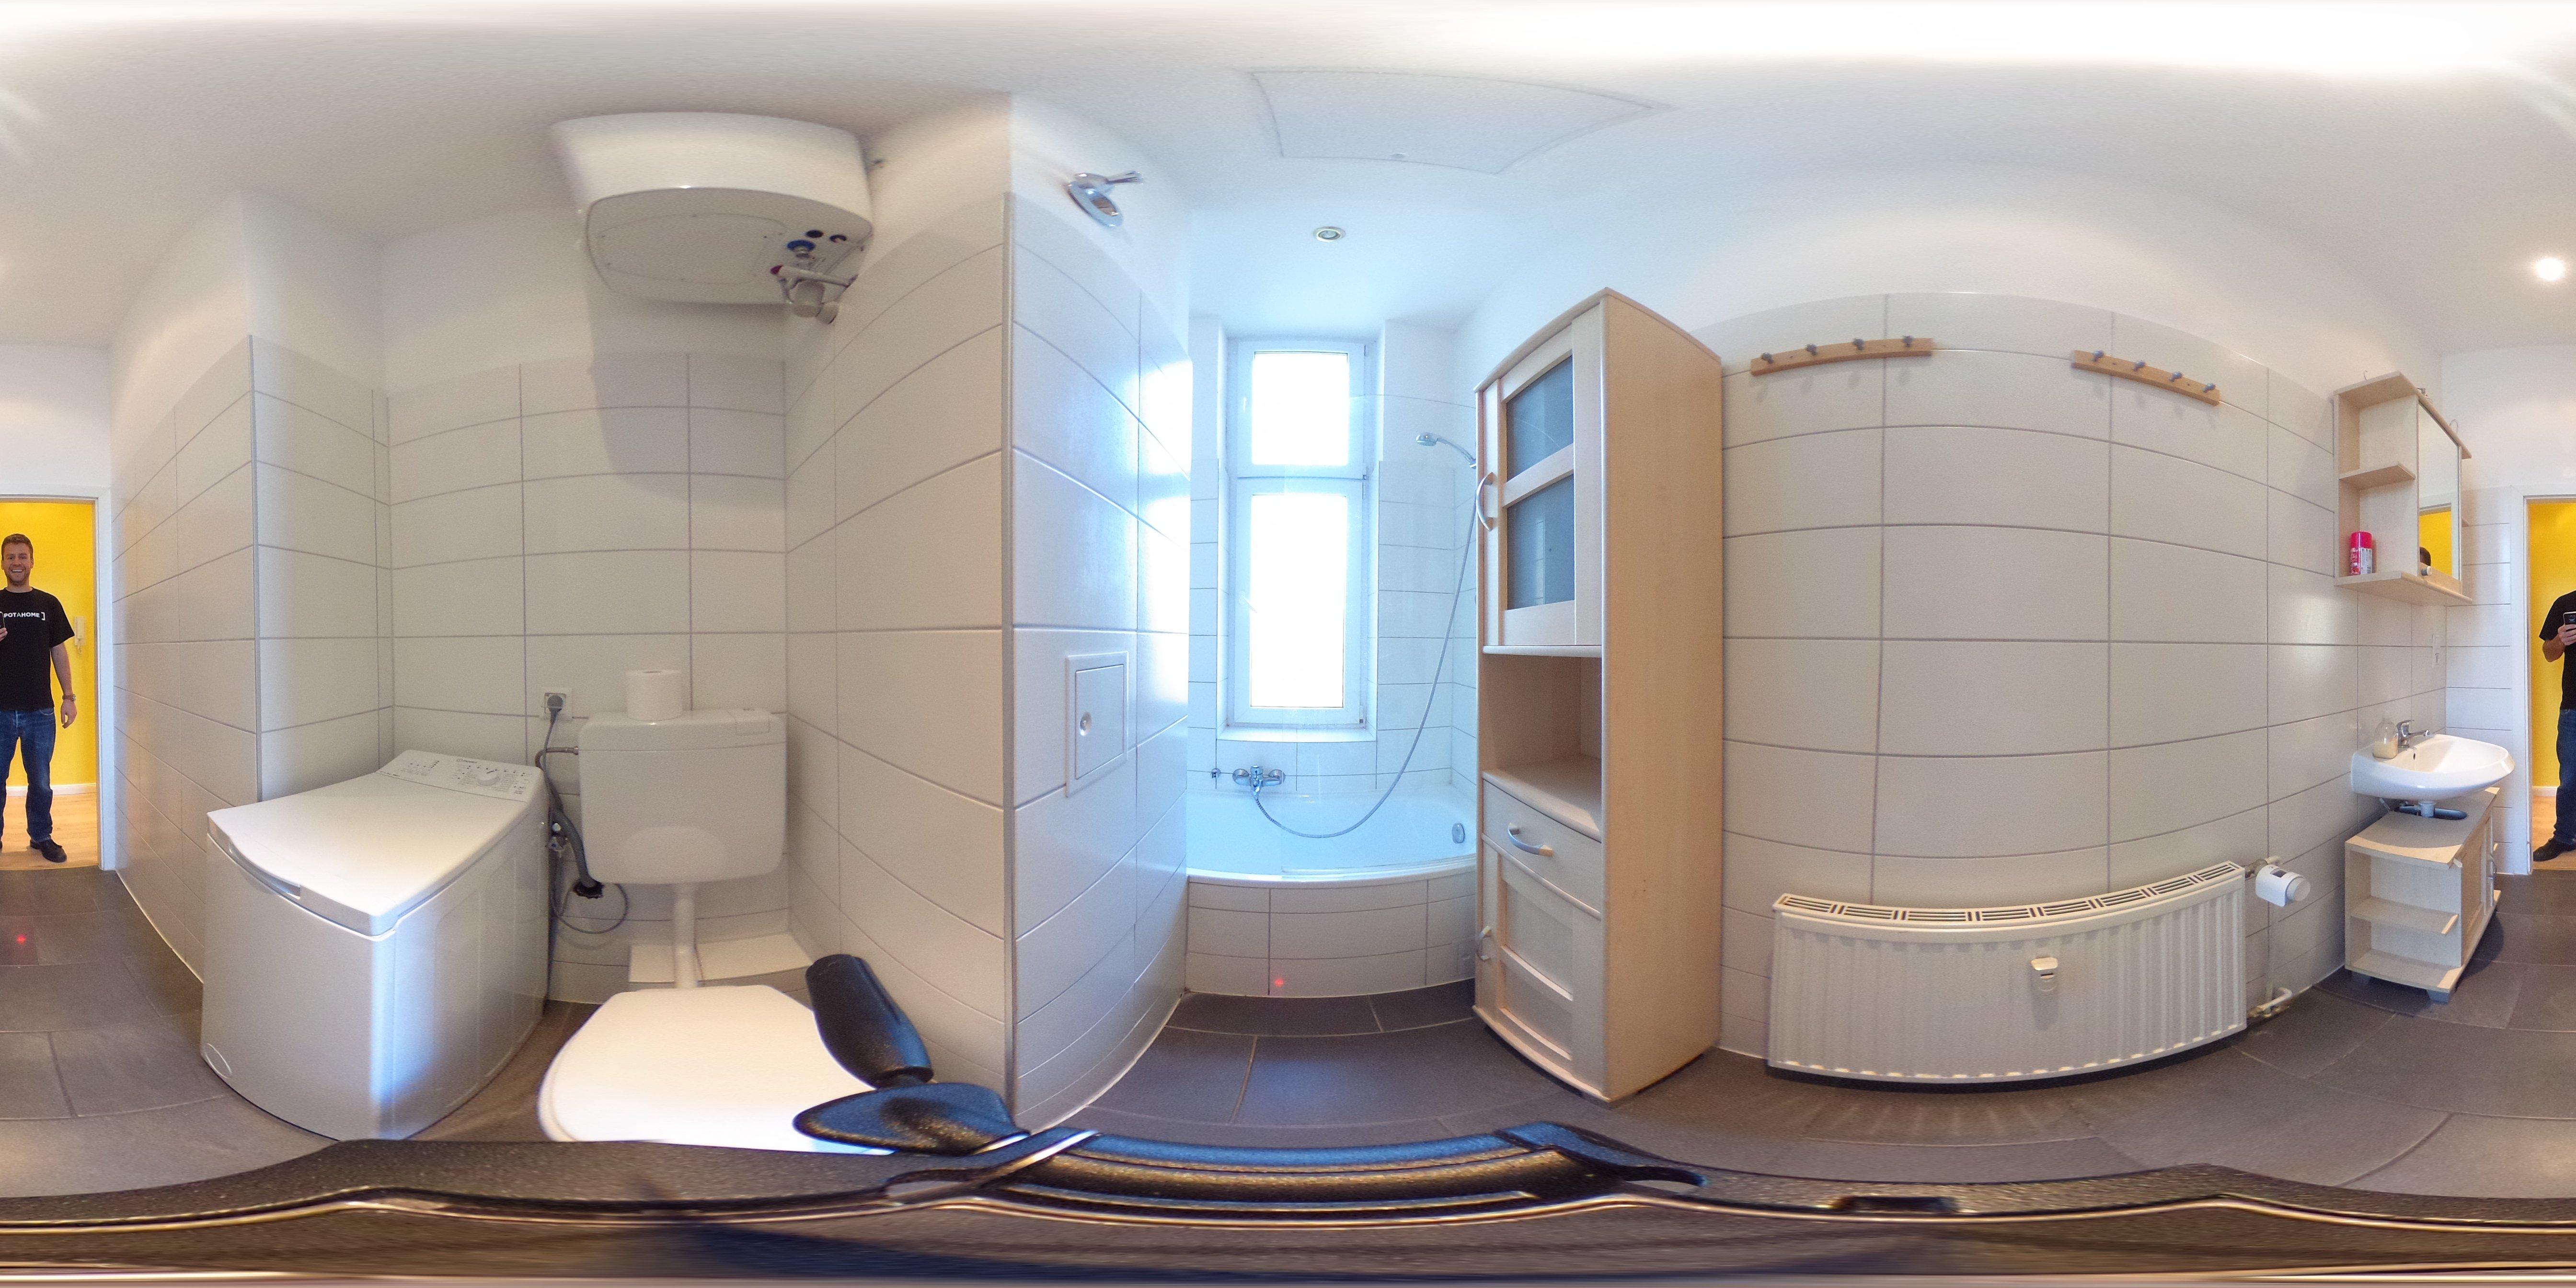 Very Billige 1 Zimmer Wohnung Berlin Artwork - Debt-Services.us